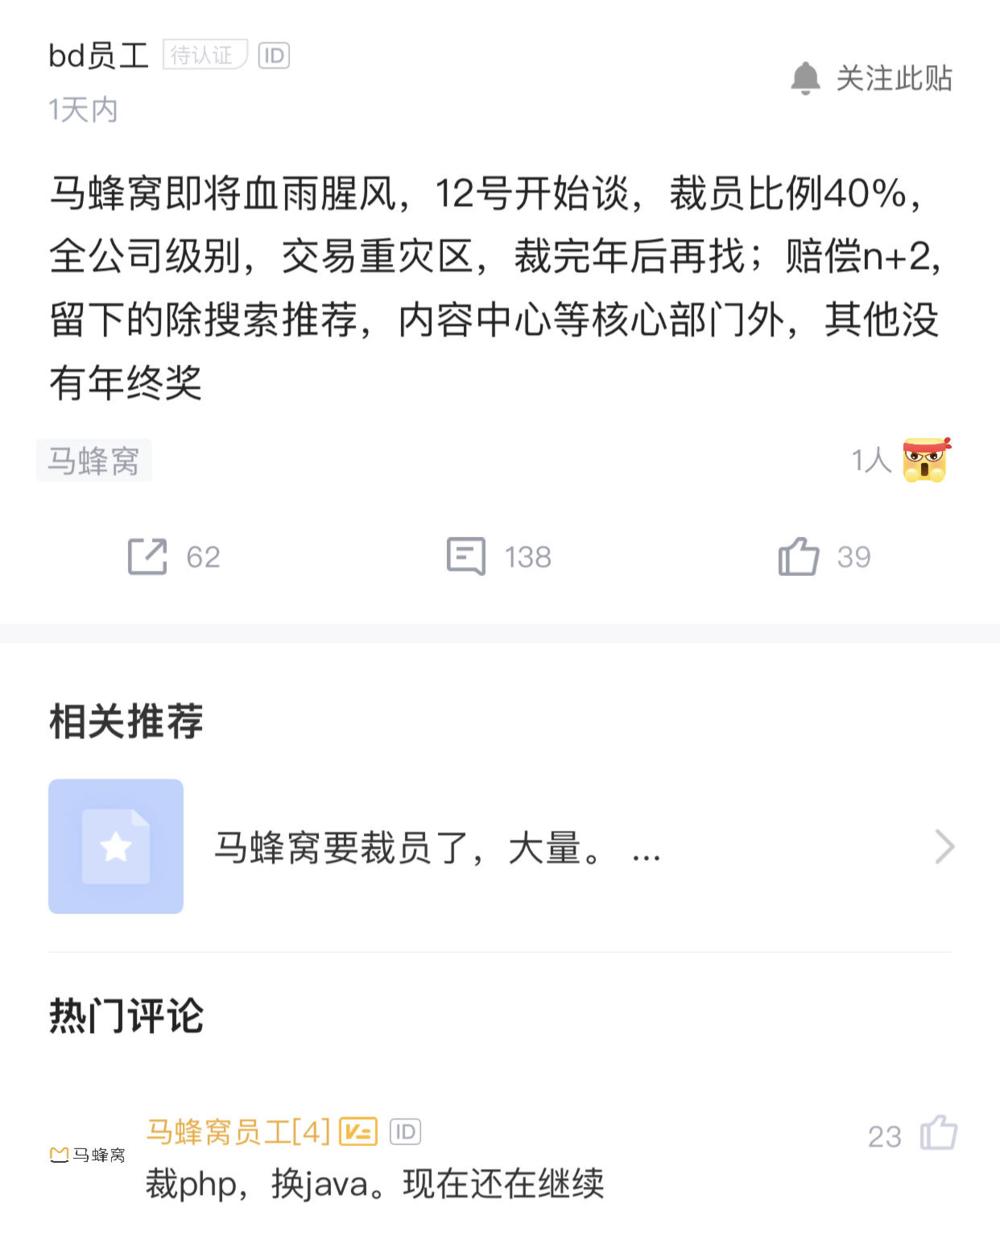 【虎嗅早报】孙宇晨微博被关;马蜂窝被曝裁员40%